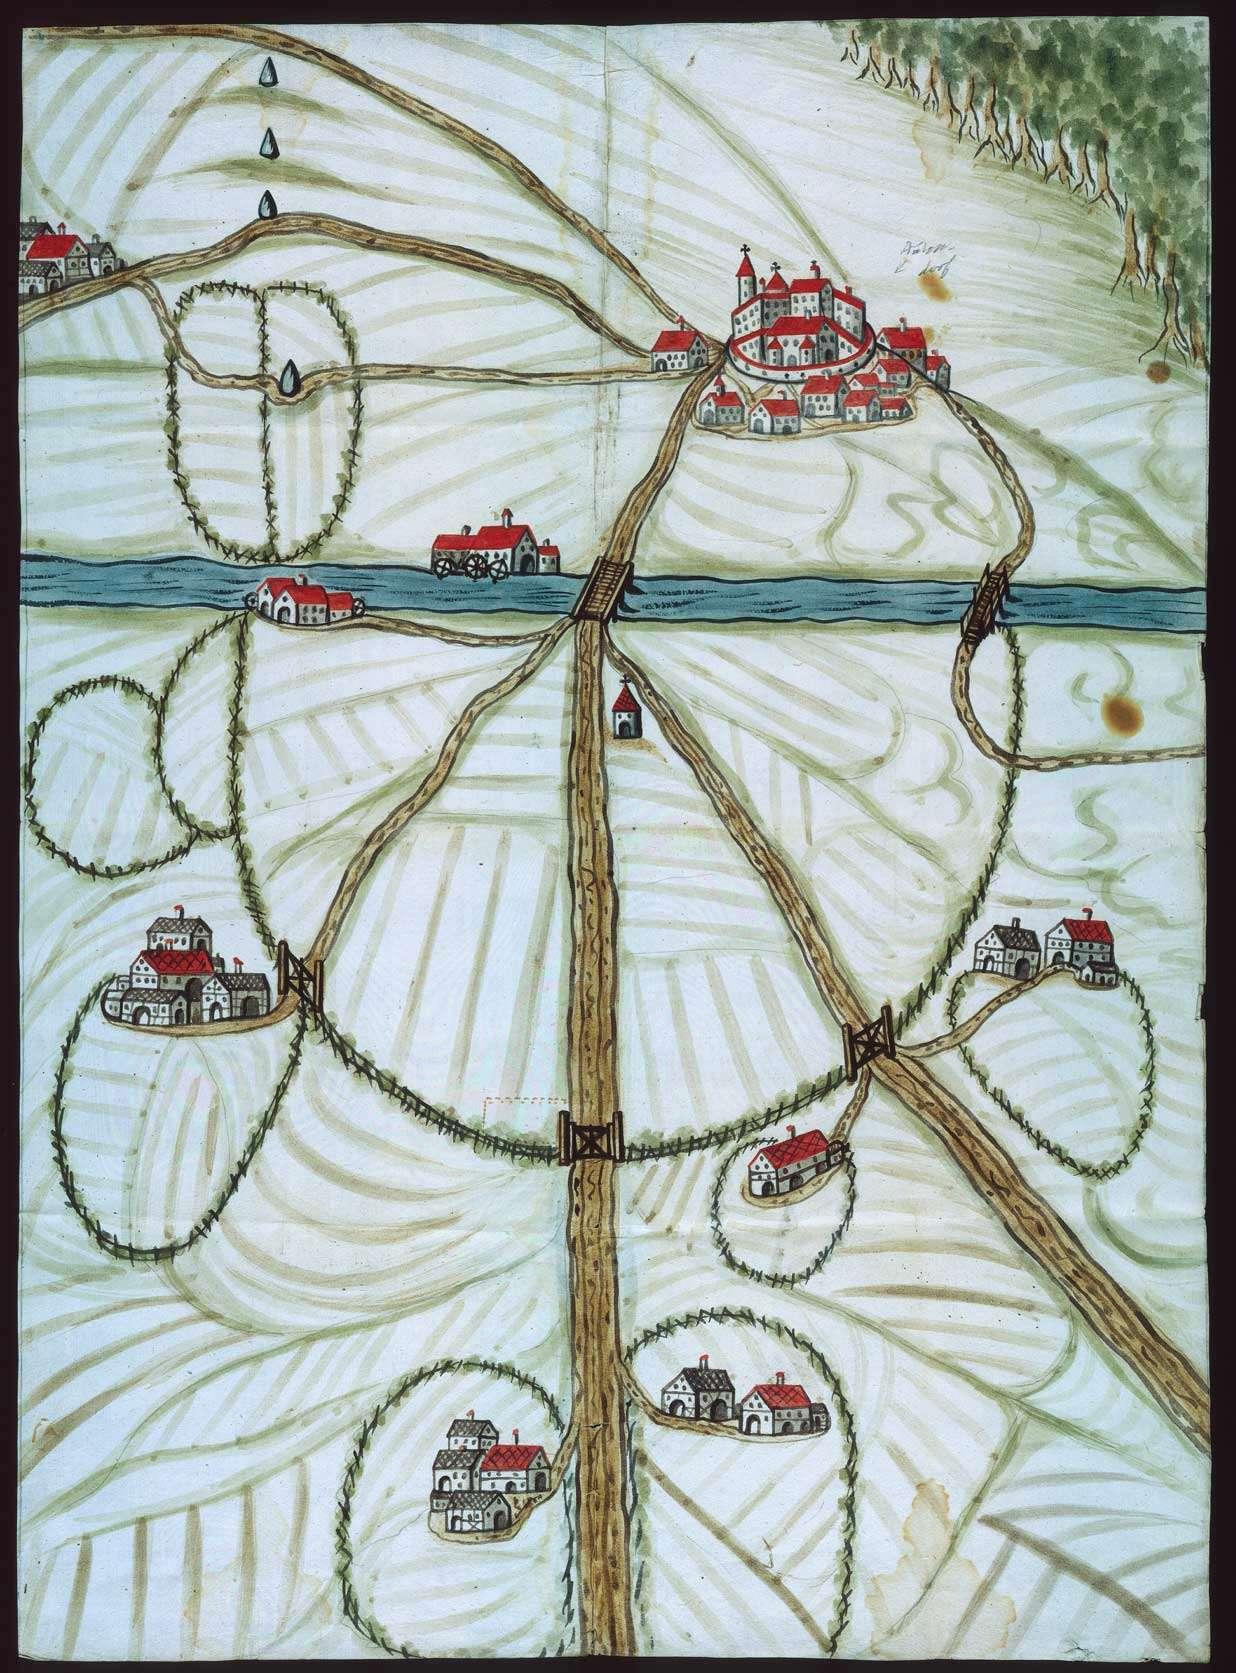 [Karte der Wildzäune bei Aulendorf], Bild 1